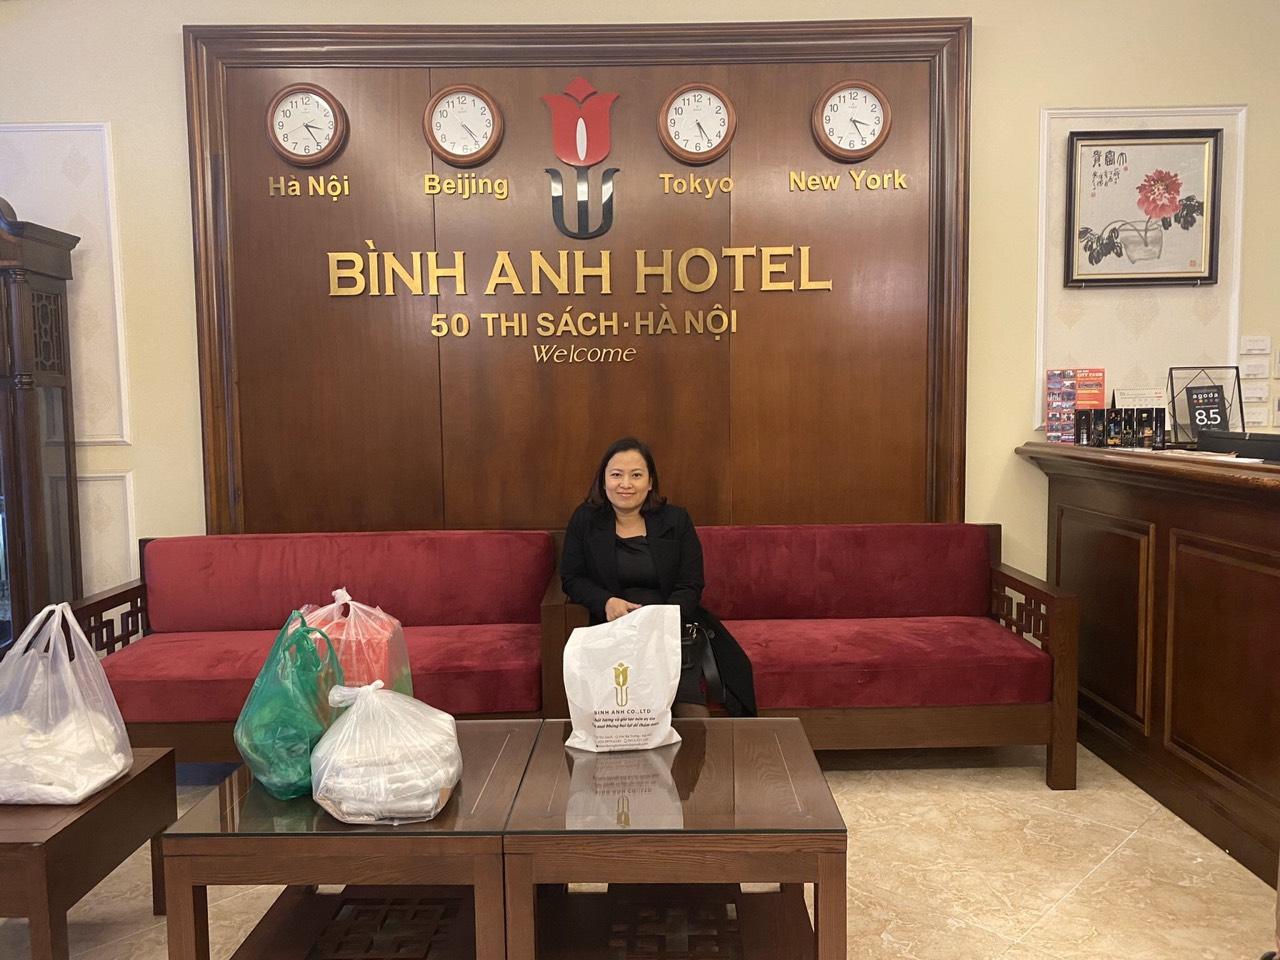 <p>Khách sạn rất sạch sẽ, phục vụ nhiệt tình, lại được tặng quà nữa! Lần sau ra HN lại đến. Cảm ơn chị chủ chu đáo</p>